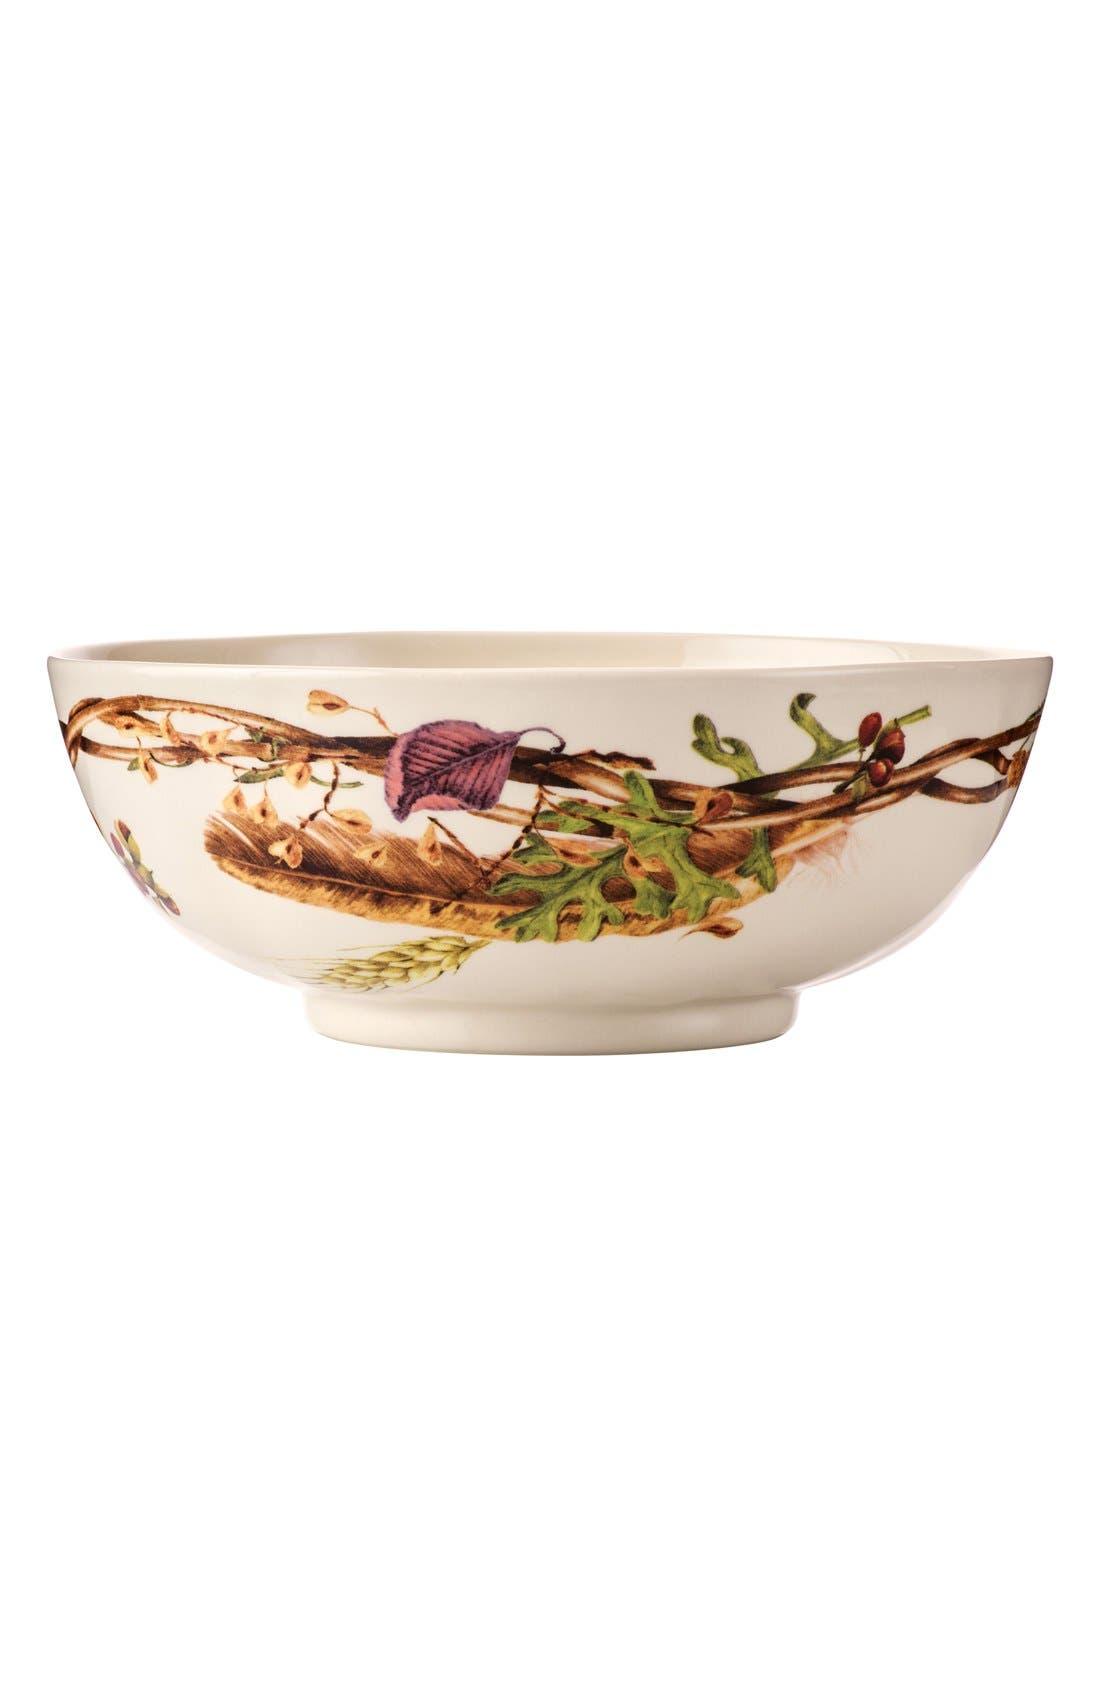 Alternate Image 1 Selected - Juliska Forest Walk Ceramic Serving Bowl